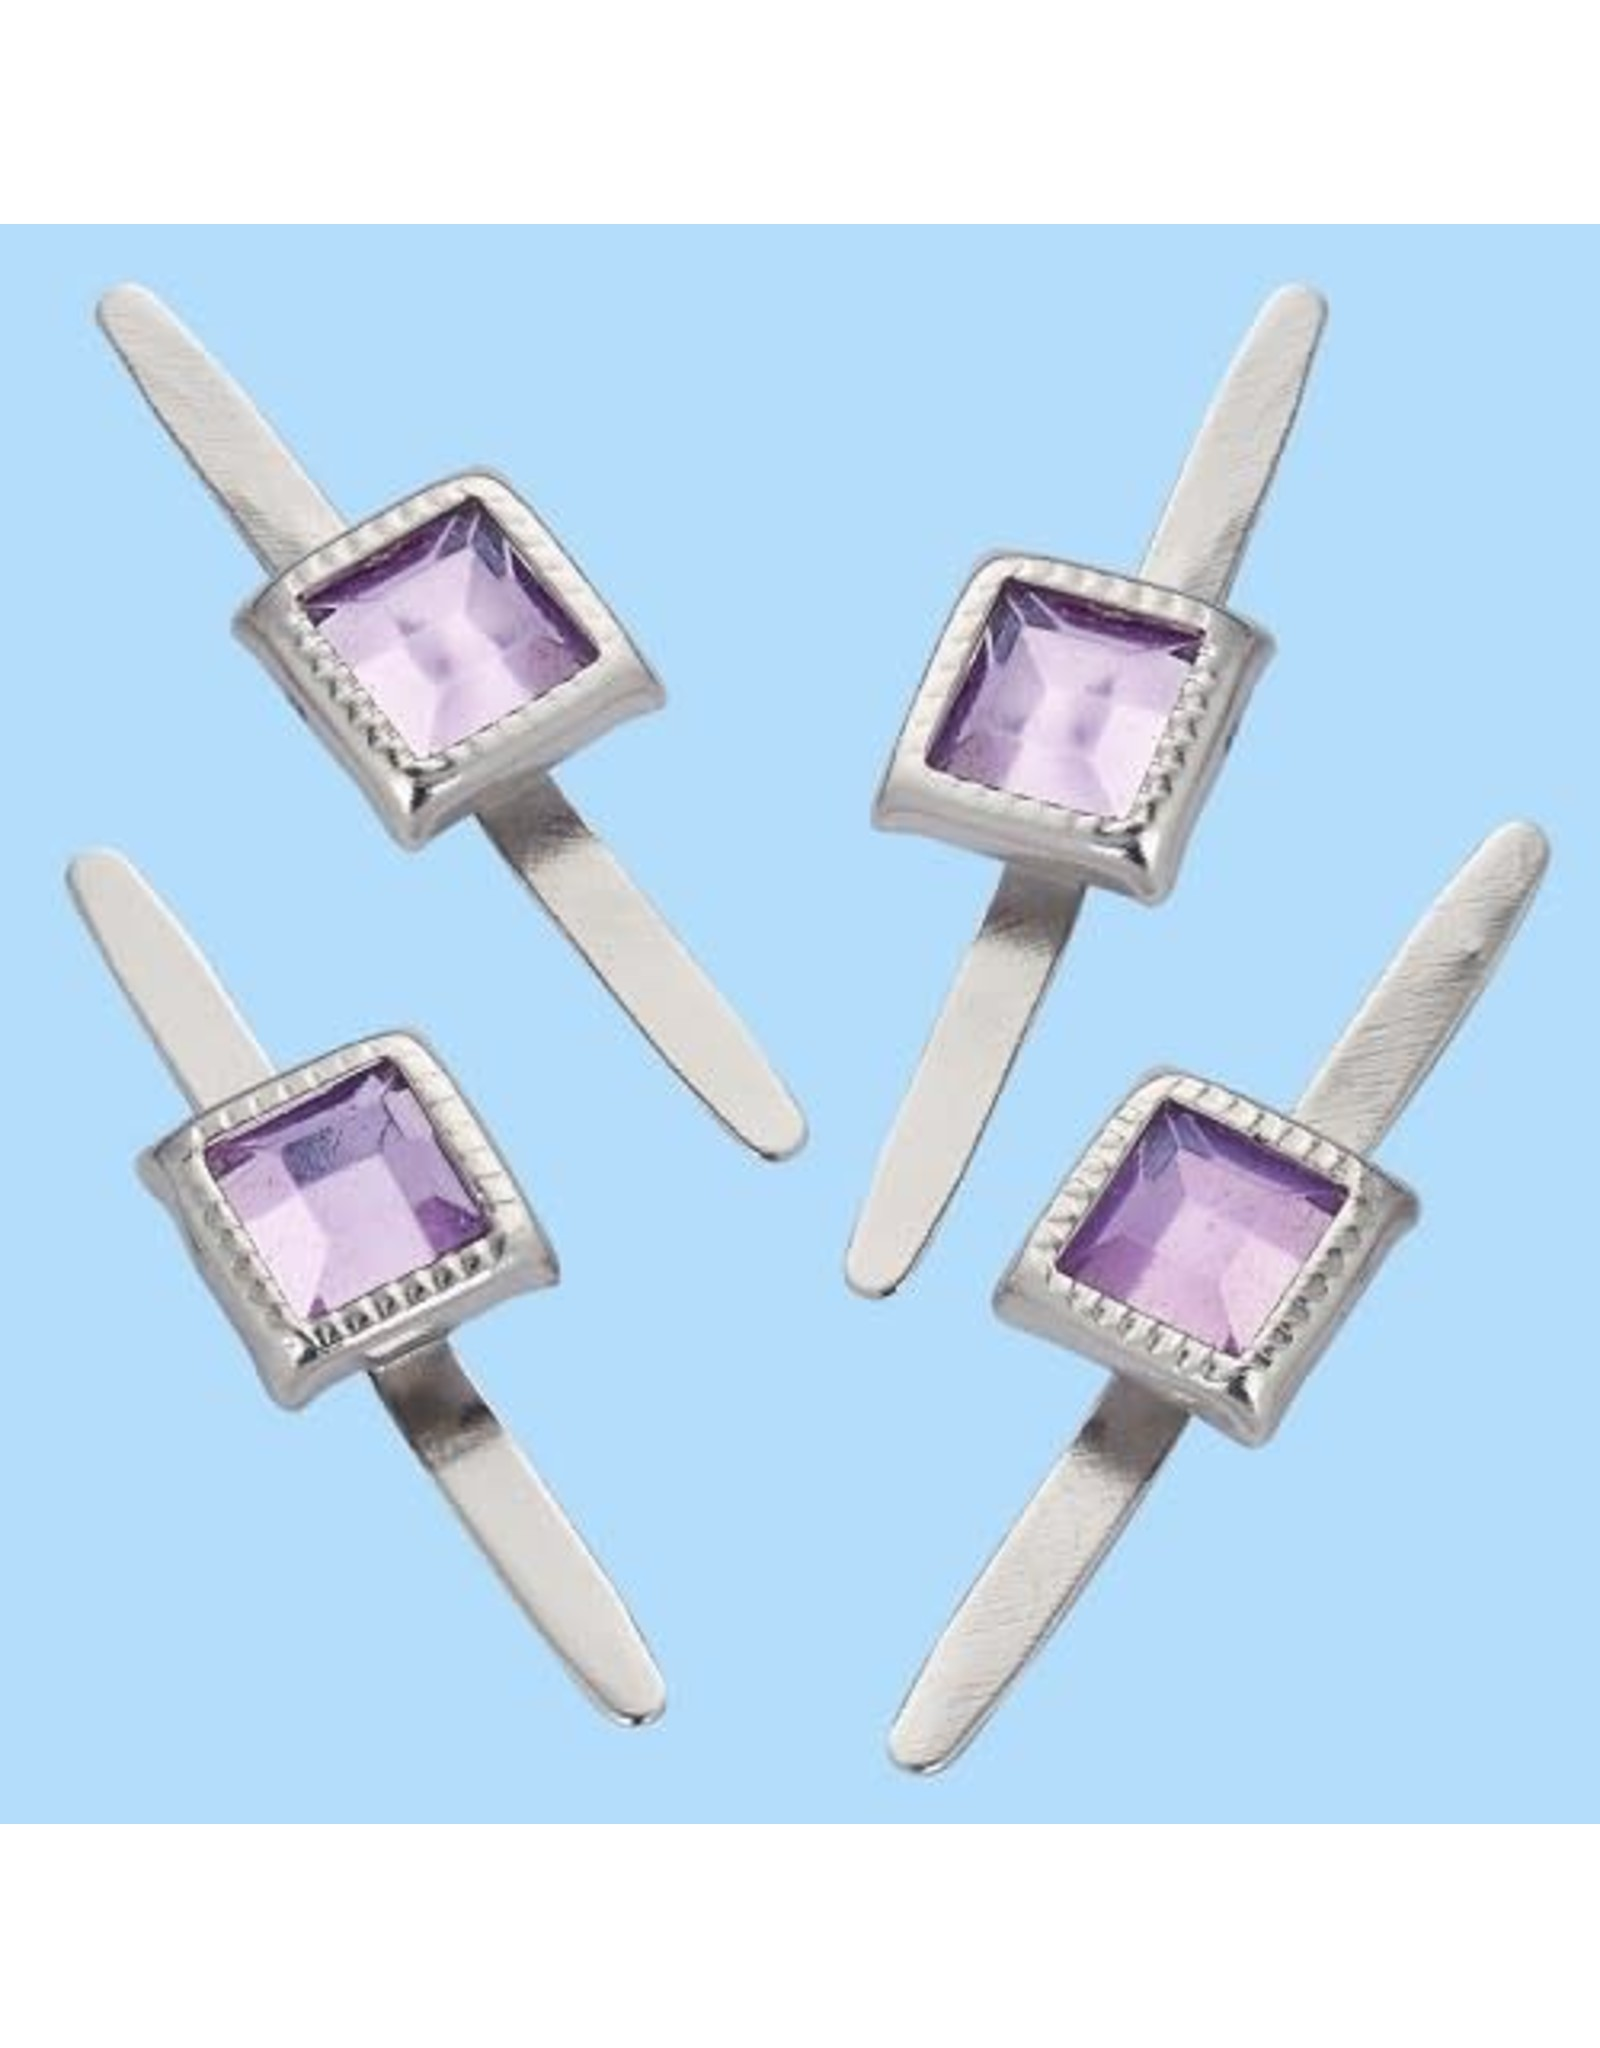 Hobby fun Decoratieve splitpennen, rechthoekig, buidel met 10 st, lavendel, 5 mm